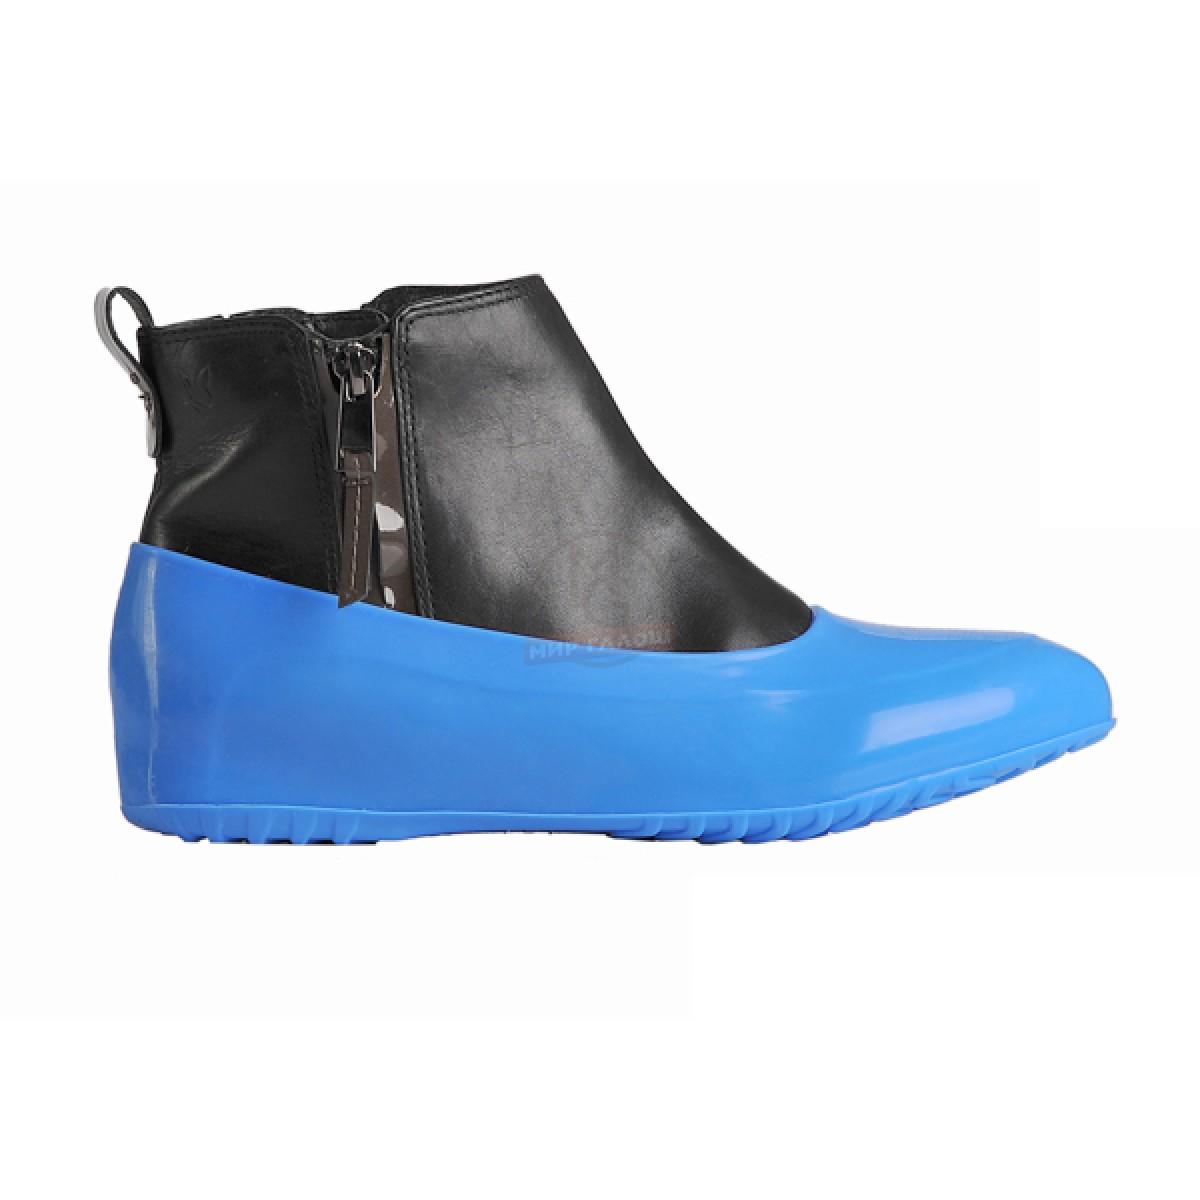 Женские галоши для обуви без каблука, голубой рассвет